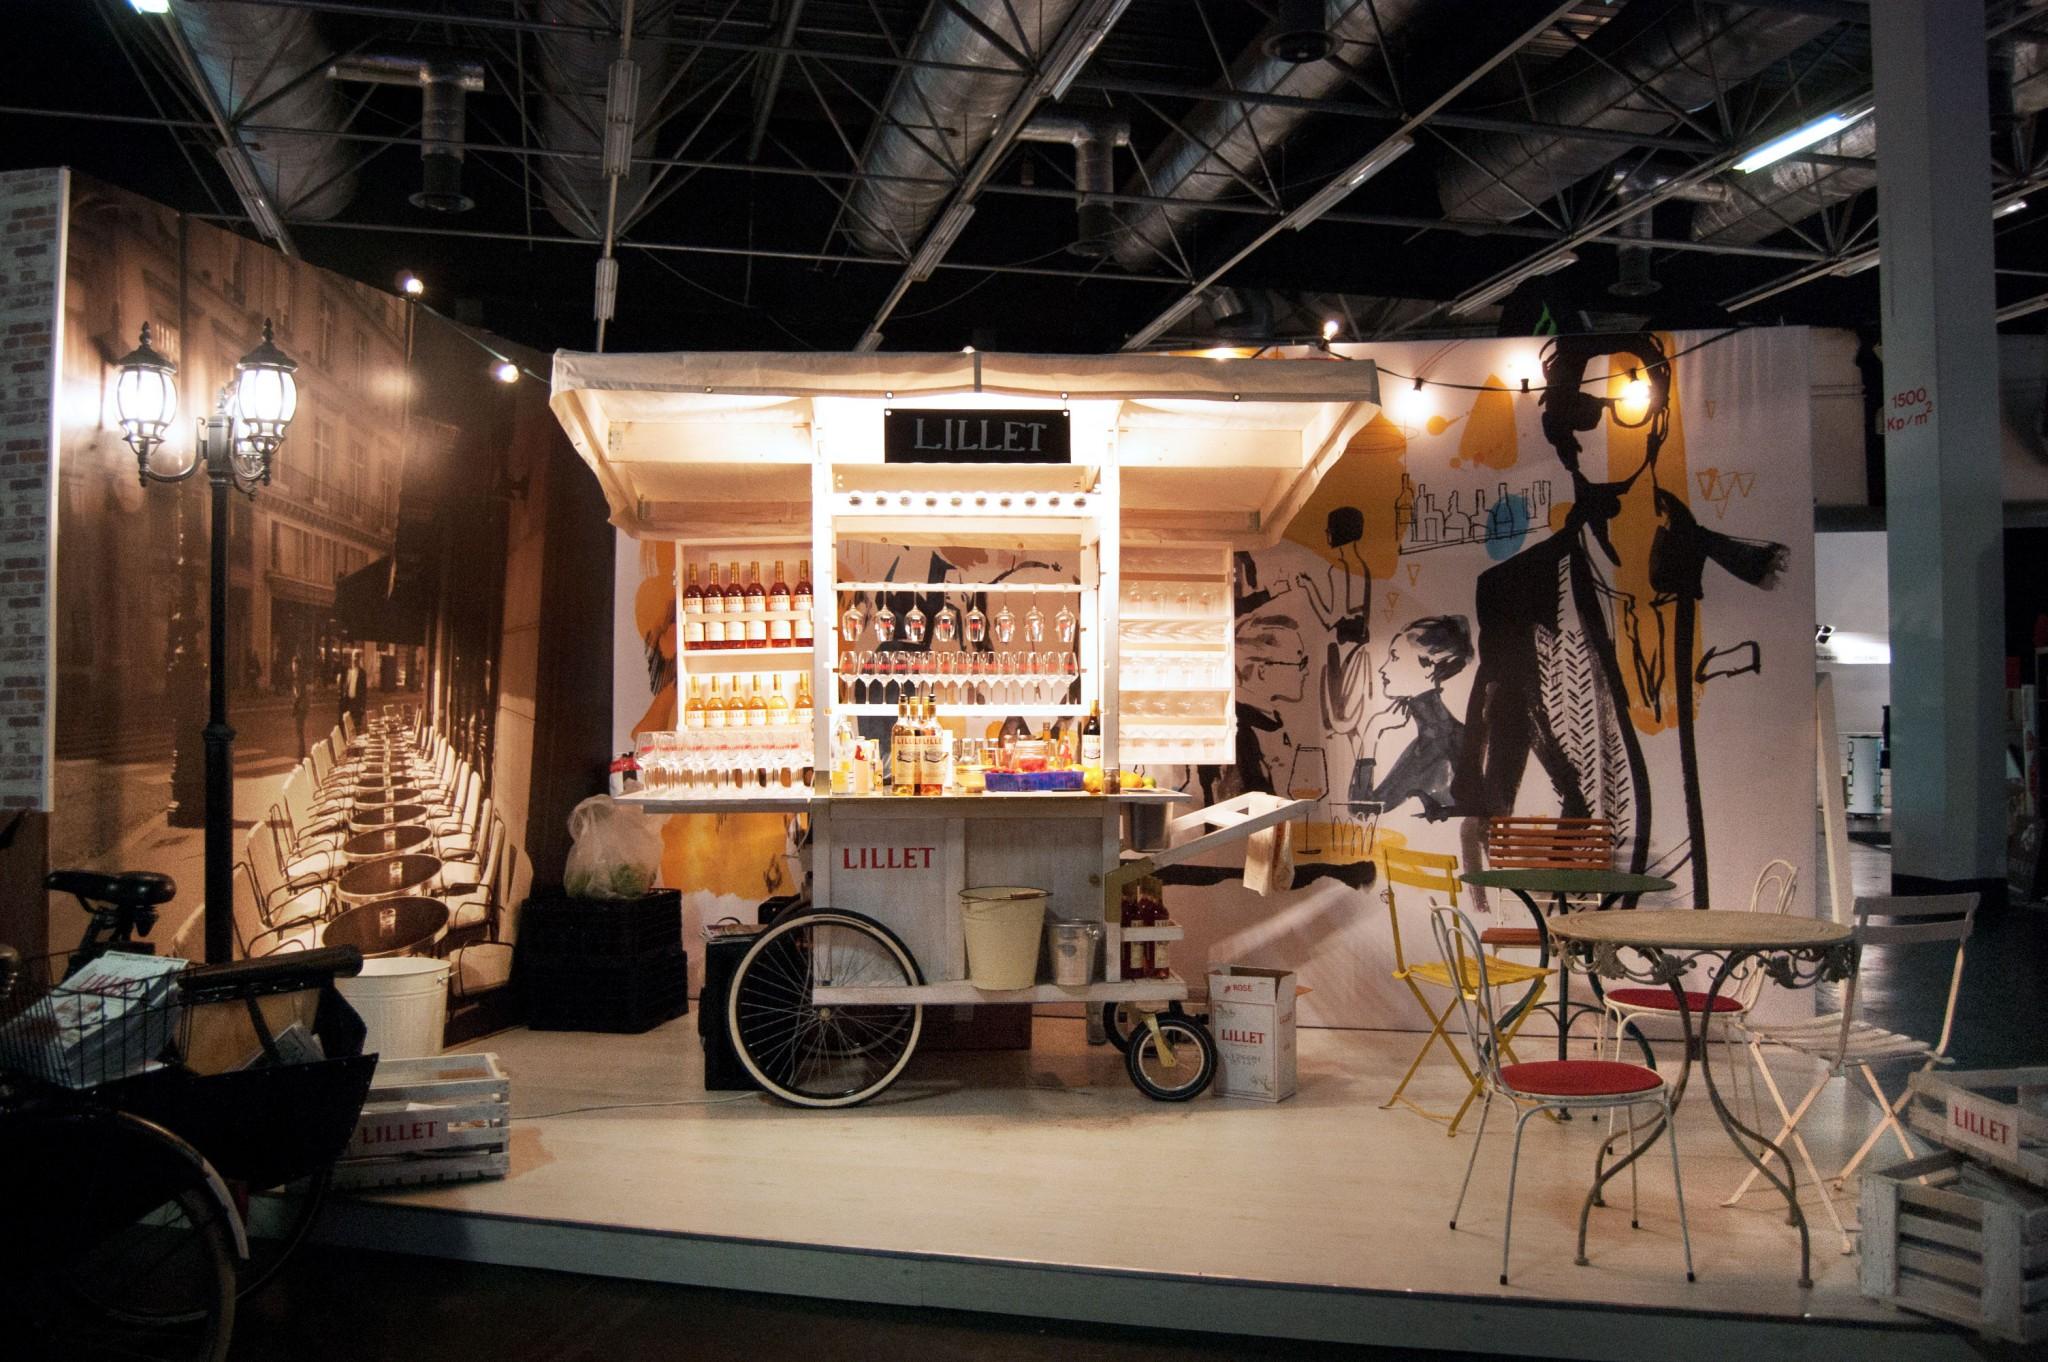 Lillet Stand Barconvent 2012 Design Stil Manipulation